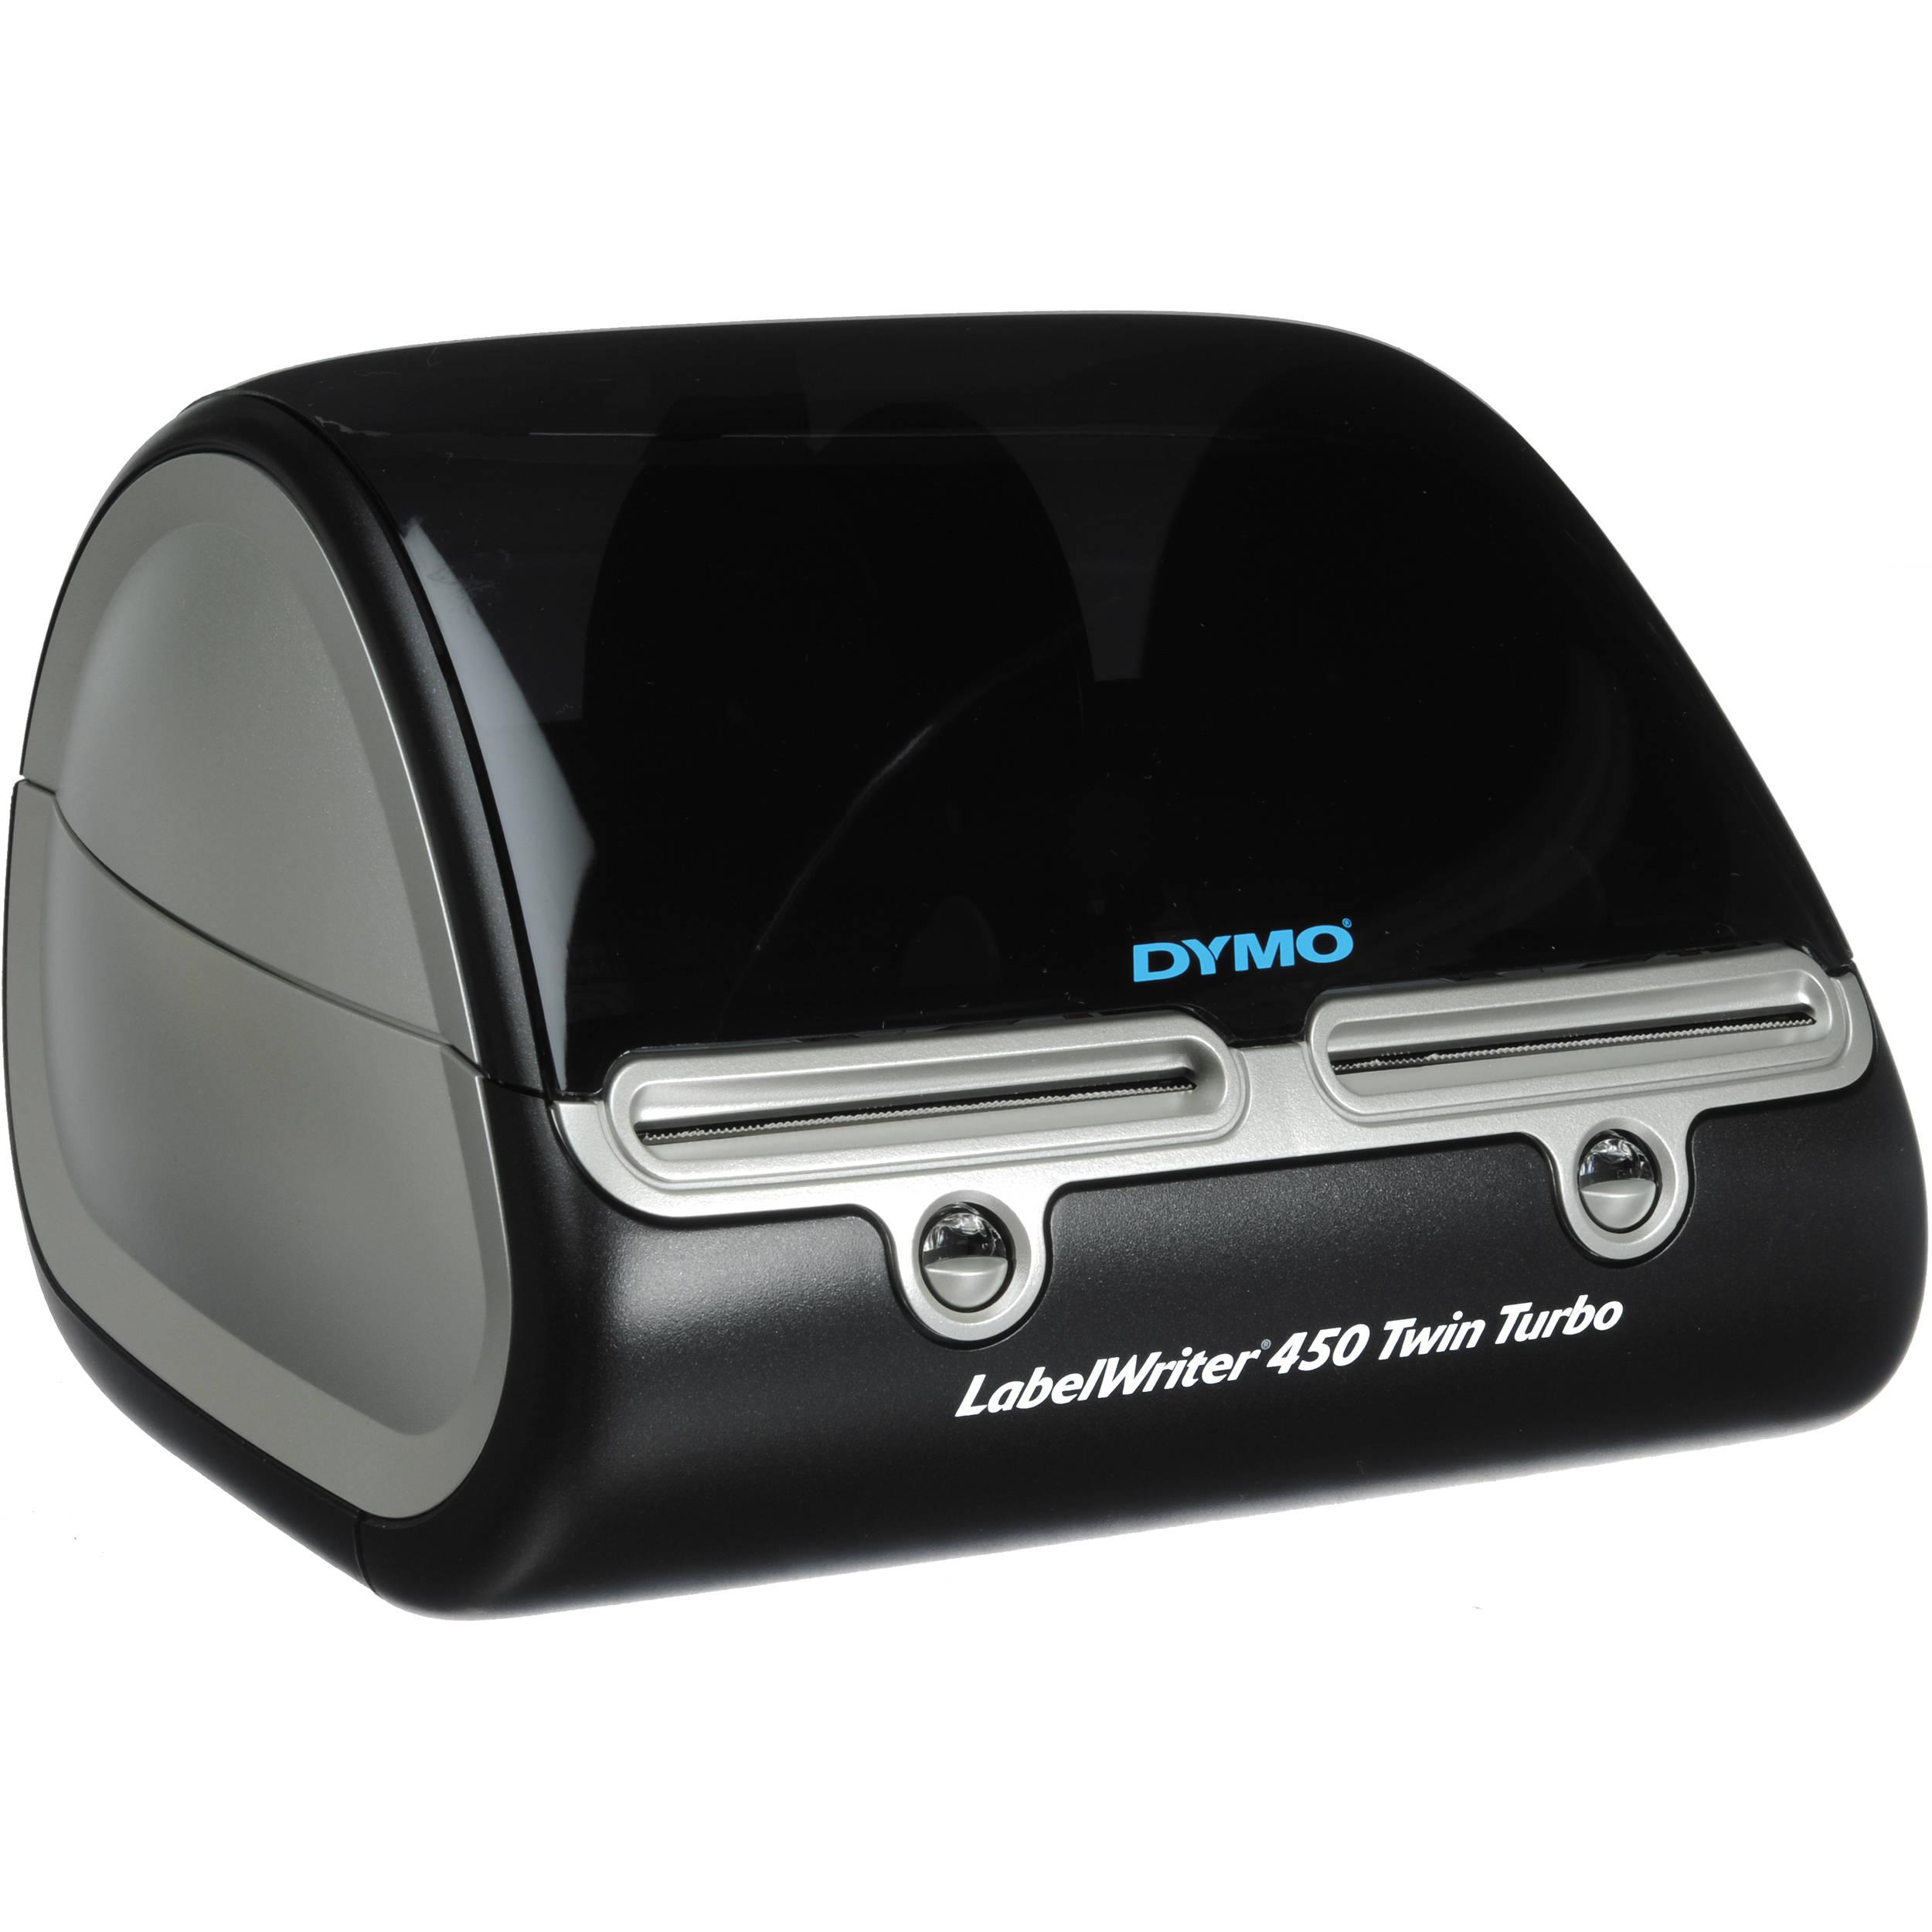 Dymo Labelwriter Twin Turbo